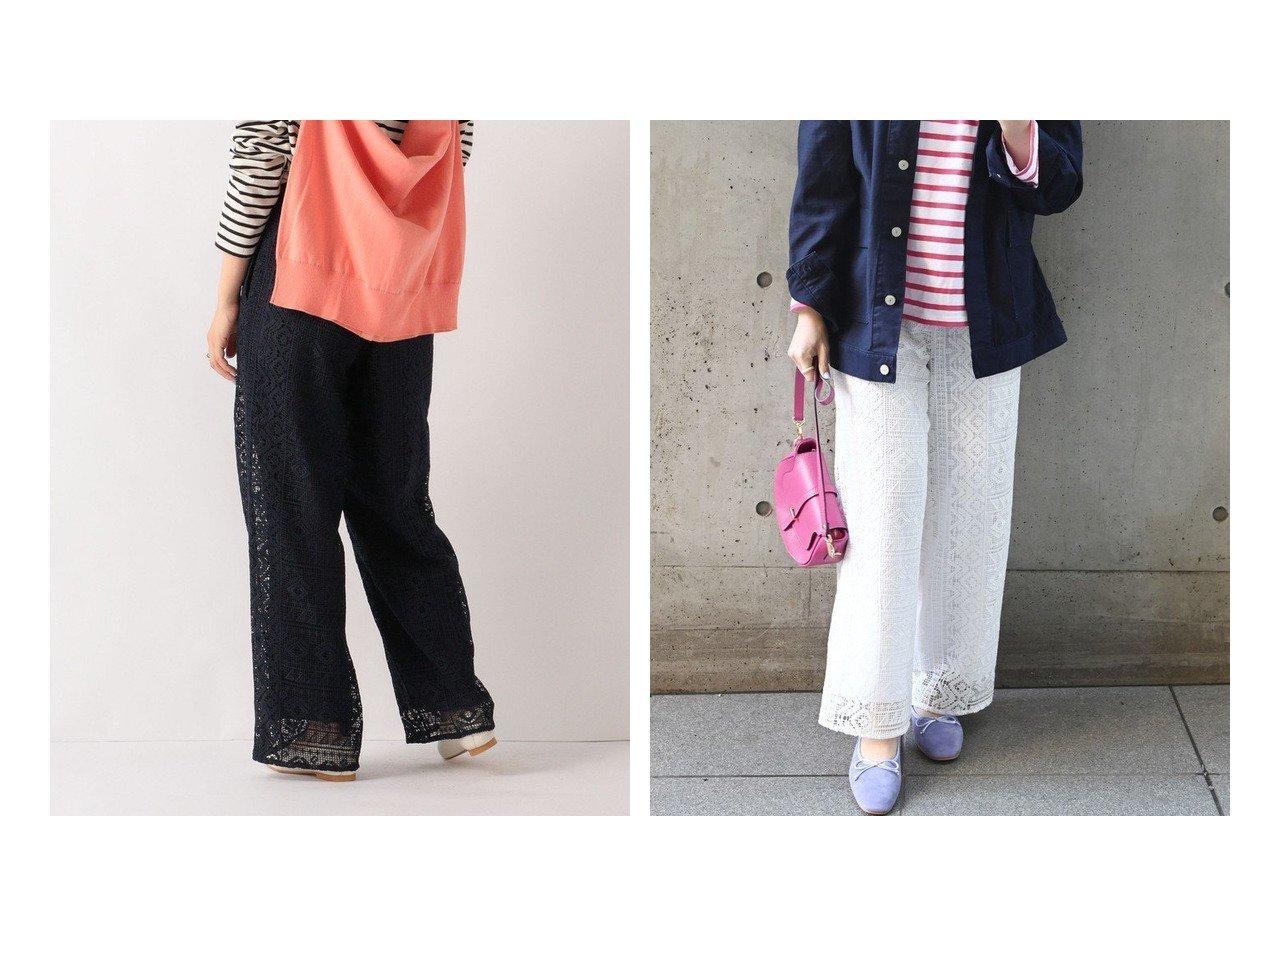 【SHIPS any/シップス エニィ】のSHIPS any デコール レース パンツ パンツのおすすめ!人気、トレンド・レディースファッションの通販 おすすめで人気の流行・トレンド、ファッションの通販商品 メンズファッション・キッズファッション・インテリア・家具・レディースファッション・服の通販 founy(ファニー) https://founy.com/ ファッション Fashion レディースファッション WOMEN パンツ Pants アクセサリー キャミワンピース ジャケット スウェット ストレート スニーカー フェミニン ポケット レース ワイド 再入荷 Restock/Back in Stock/Re Arrival |ID:crp329100000024698